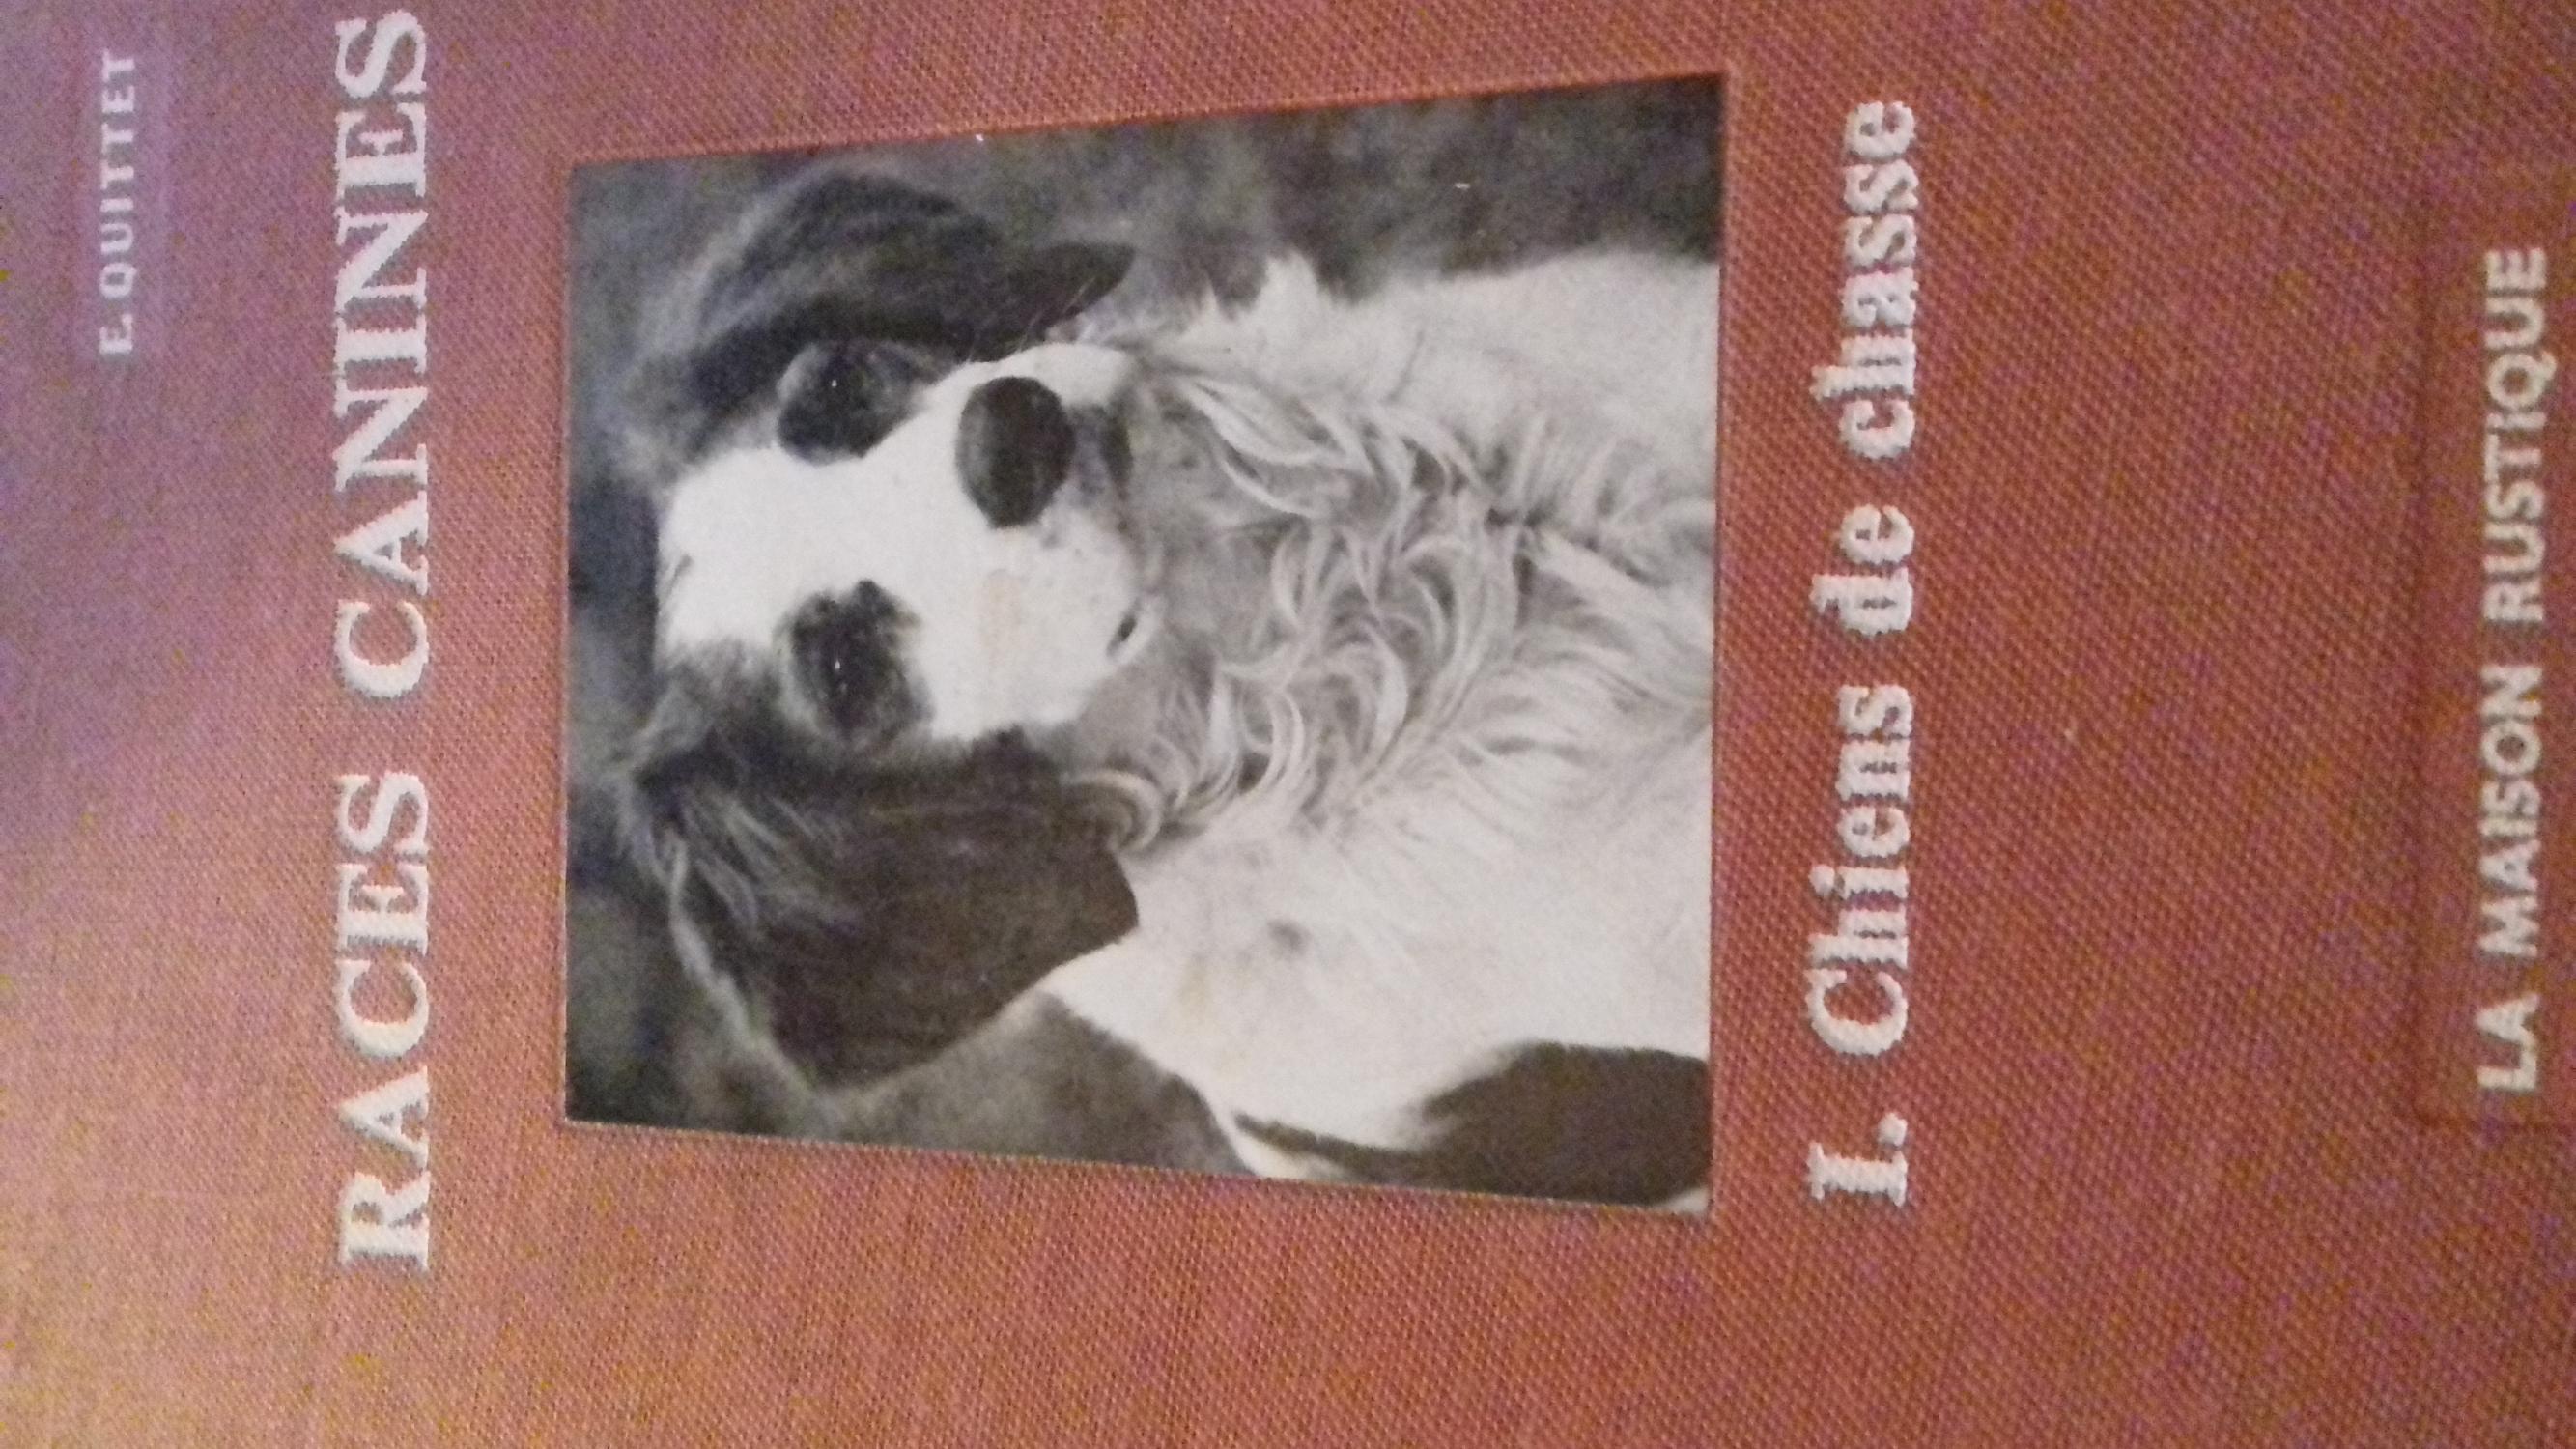 les races canines tome 1 et 2 quittet